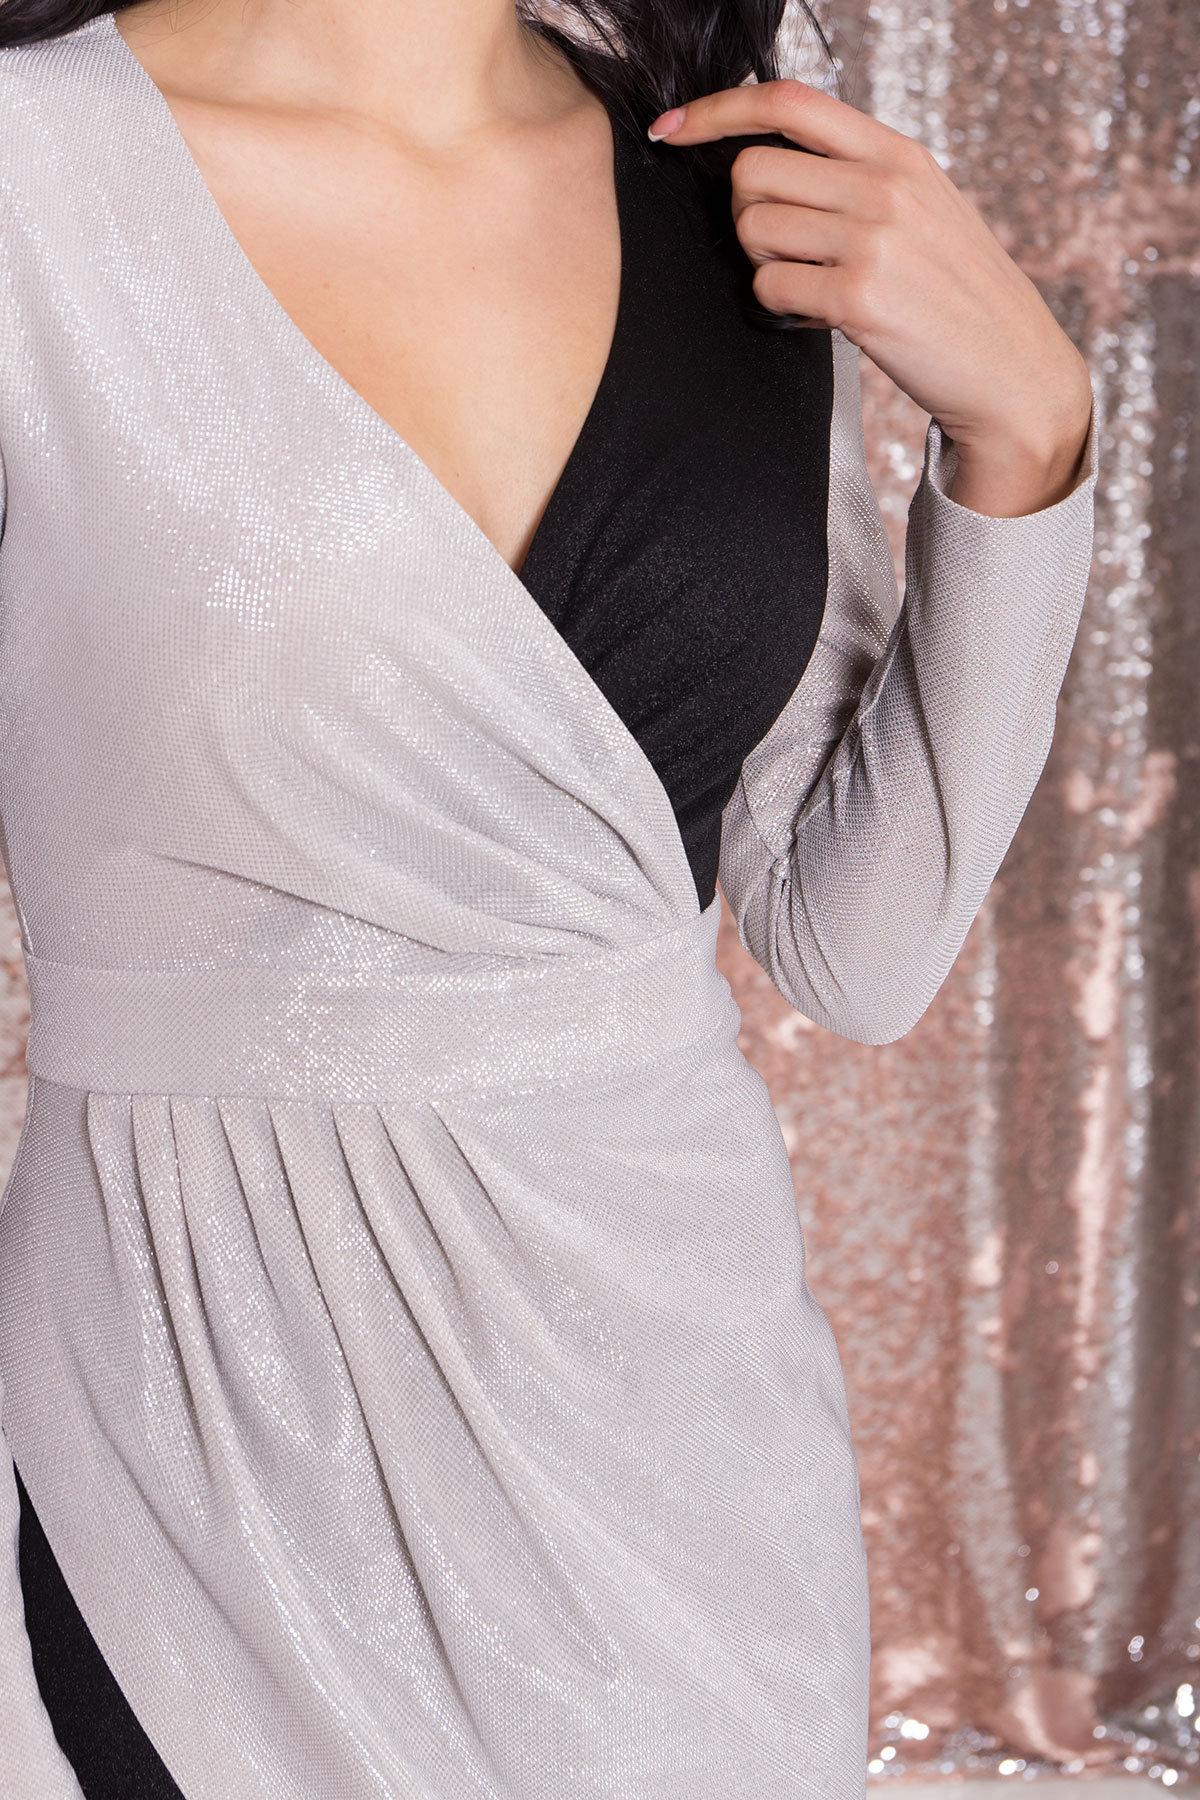 Контрастное двухцветное платье Блеск 8670 АРТ. 44988 Цвет: Серебро/черный - фото 6, интернет магазин tm-modus.ru